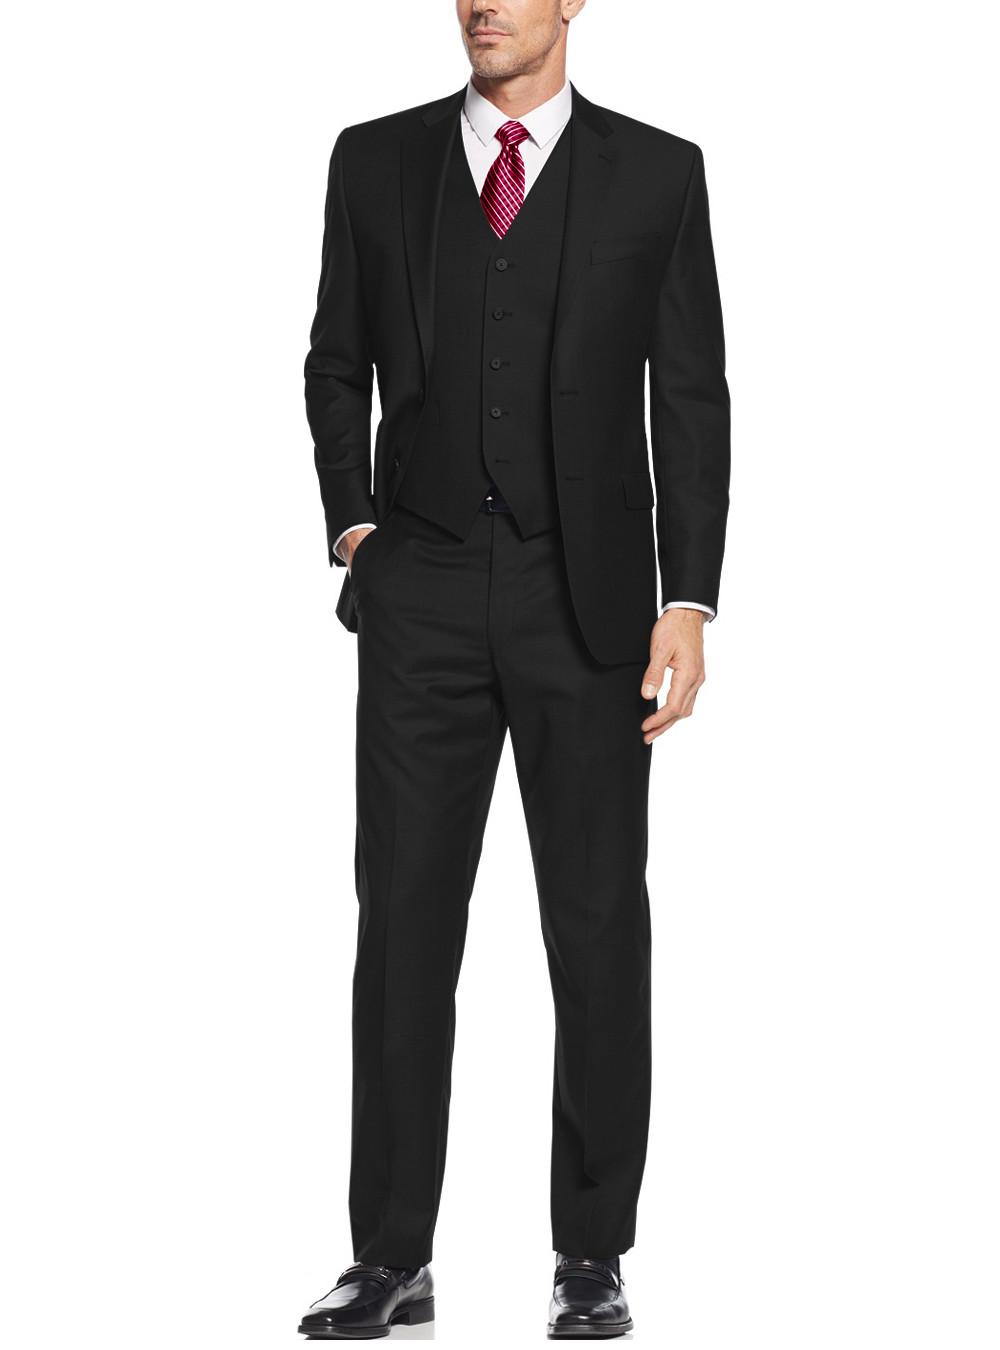 Mens Black 3 Button Vested 3 Piece Suits By Salvatore Exte